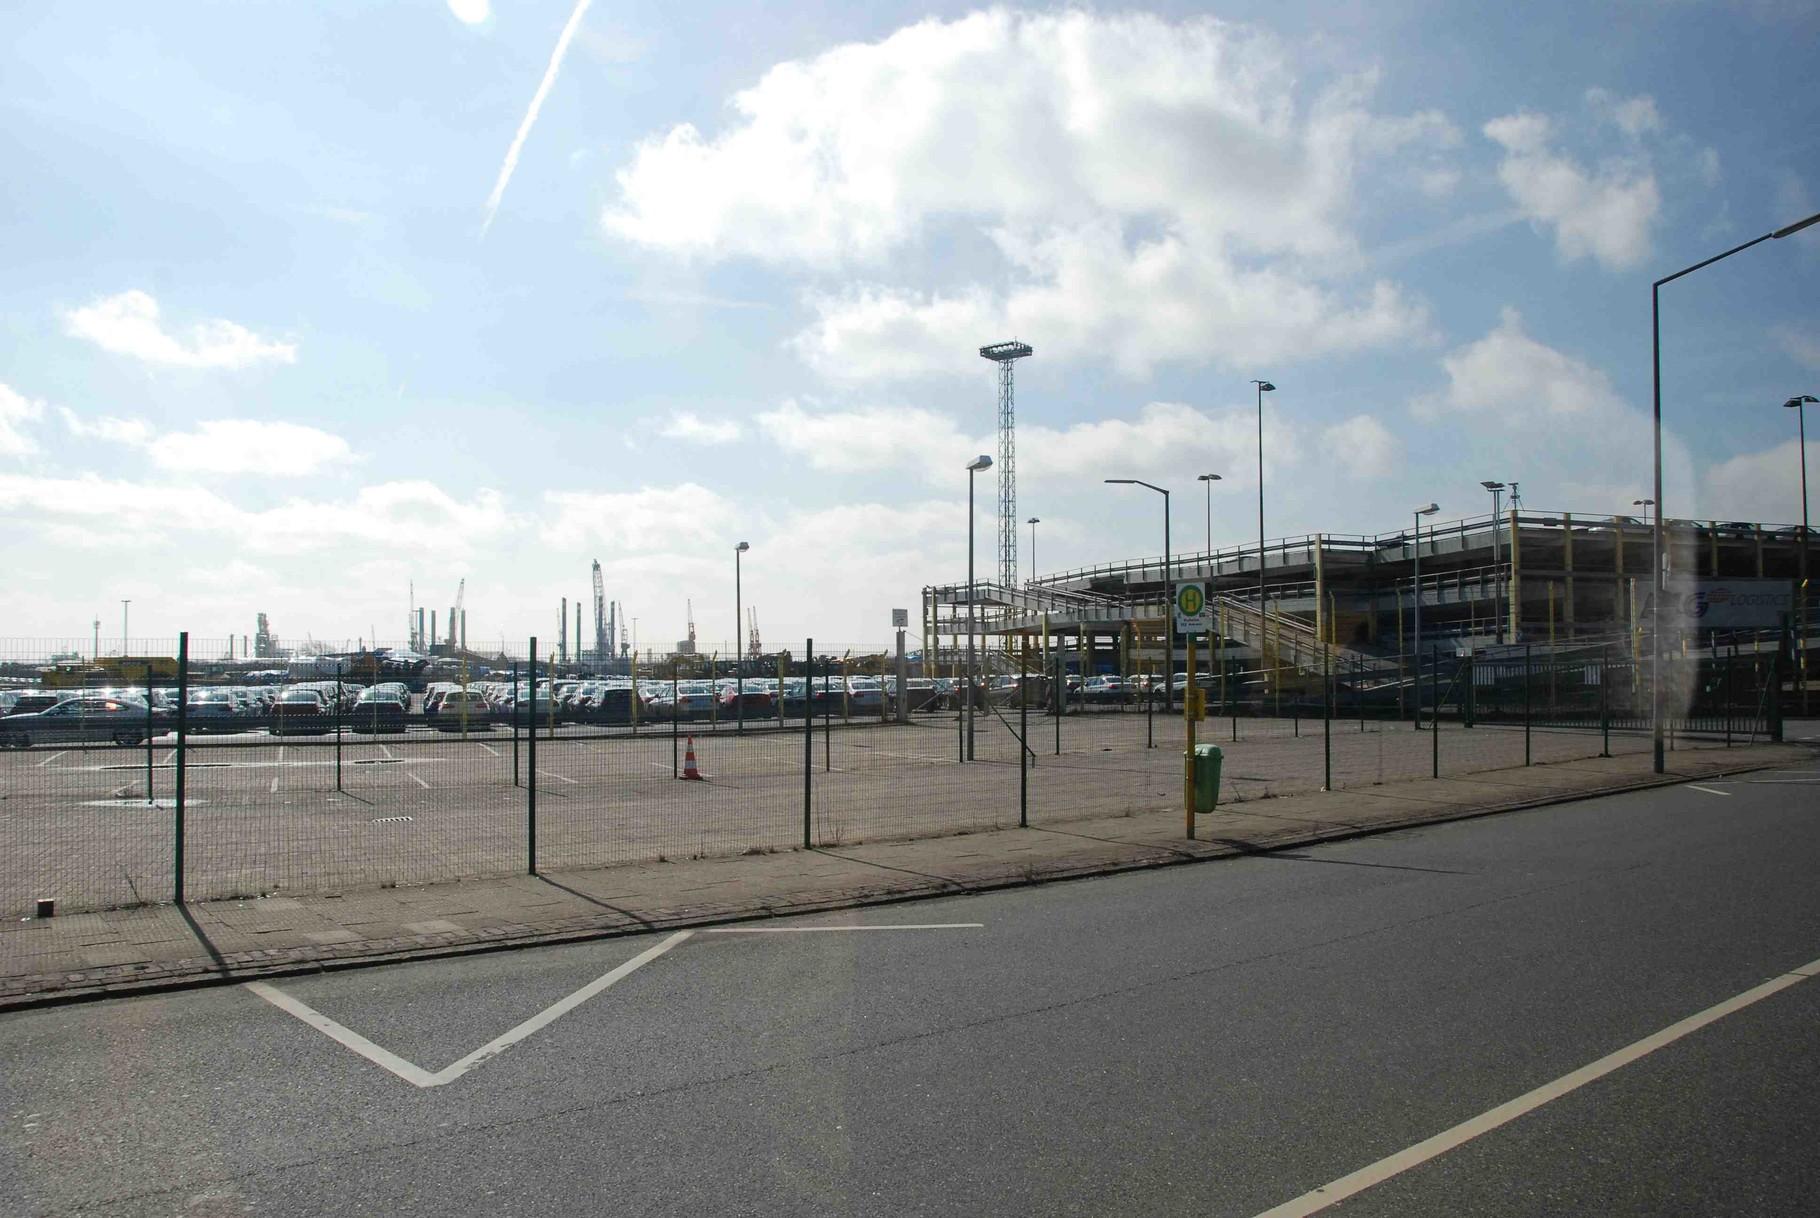 Rundfahrt im Hafengelände